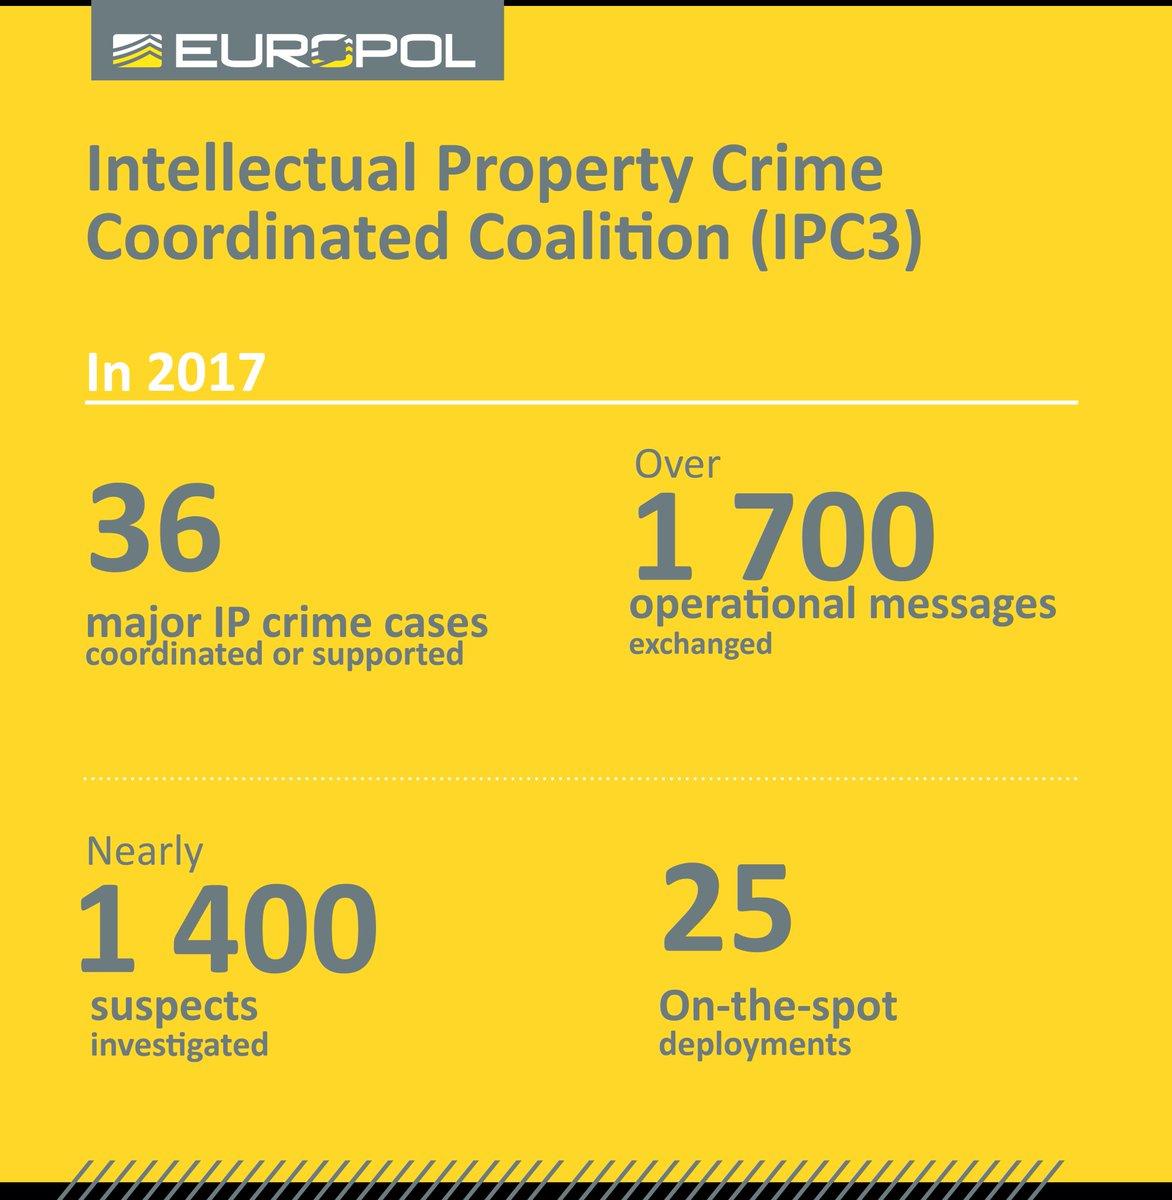 Vernetzung wirkt 🔗 Das belegt eindrucksvoll die Intellectual Property Crime Coordinated Coalition (IPC3) zur Bekämpfung von Fälschungen und Piraterie in der Europäischen Union 👏  @EU_IPO @Europol @rwainwright67 #anticounterfeiting #IPcrime